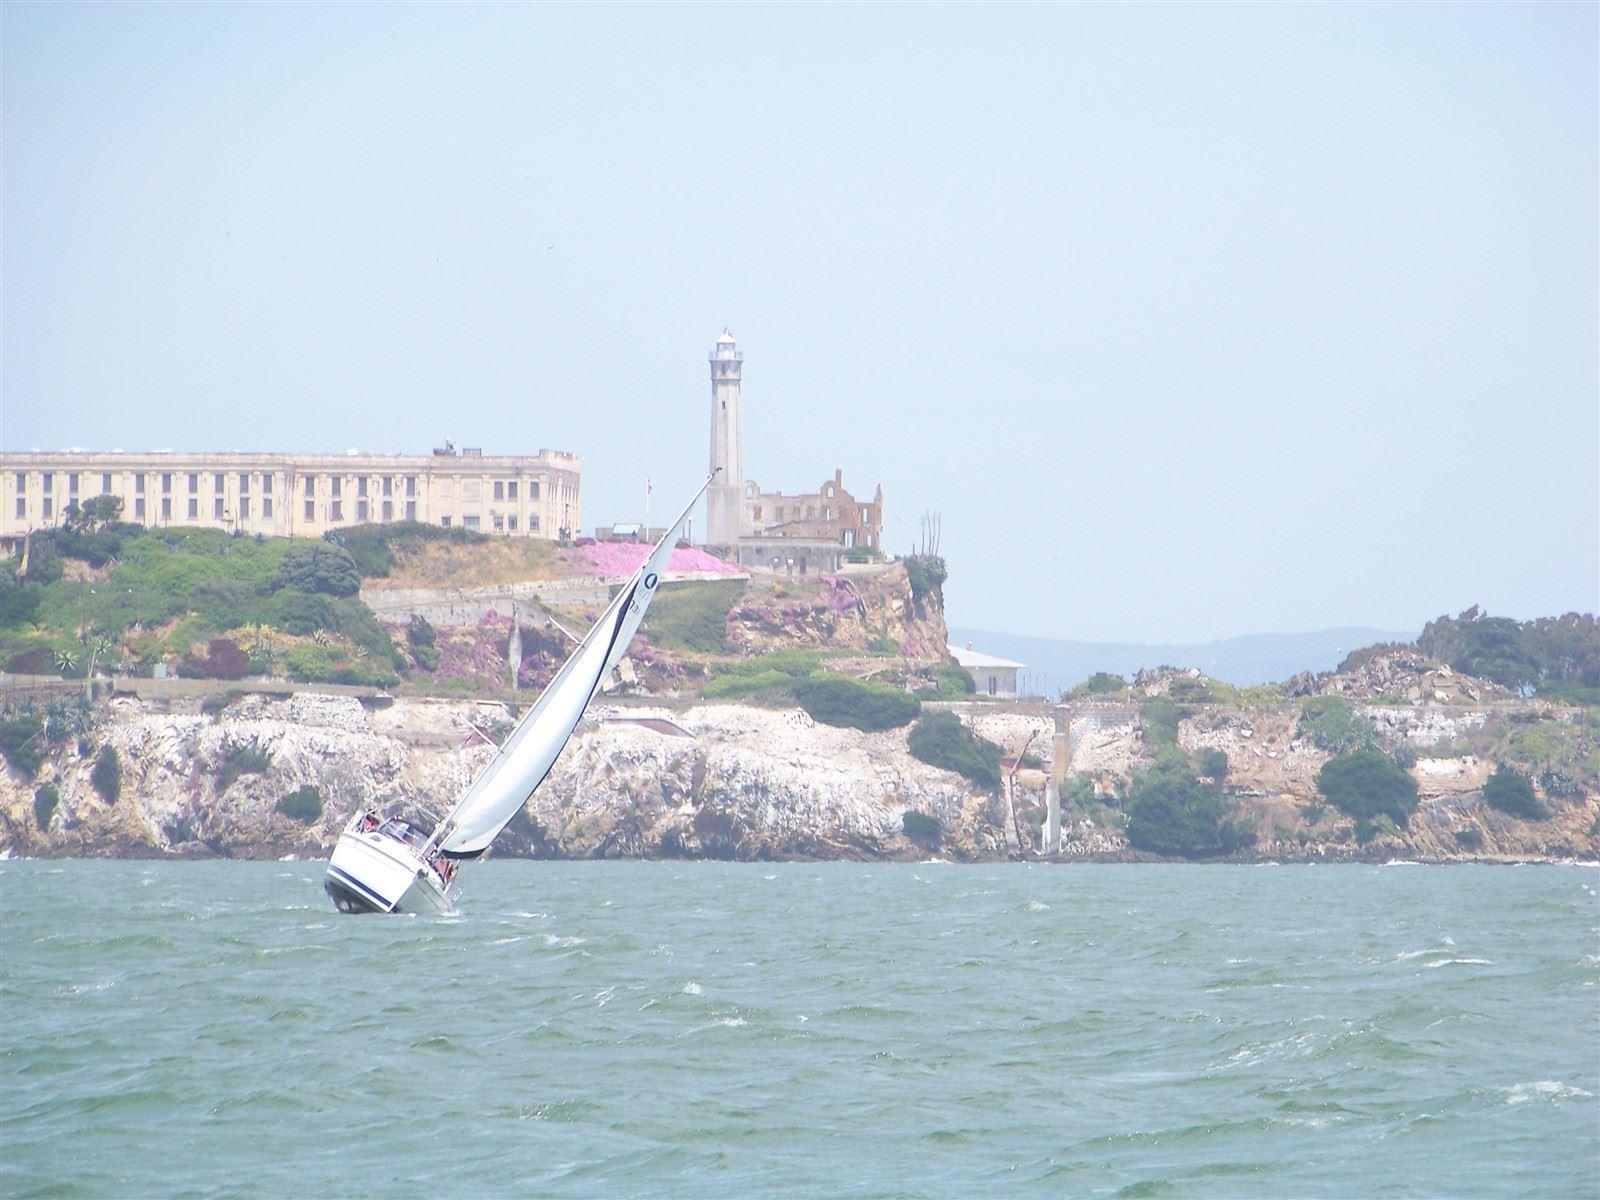 Sailboat in SF Bay : Sailboat in San Francisco Bay, Alcatraz Background